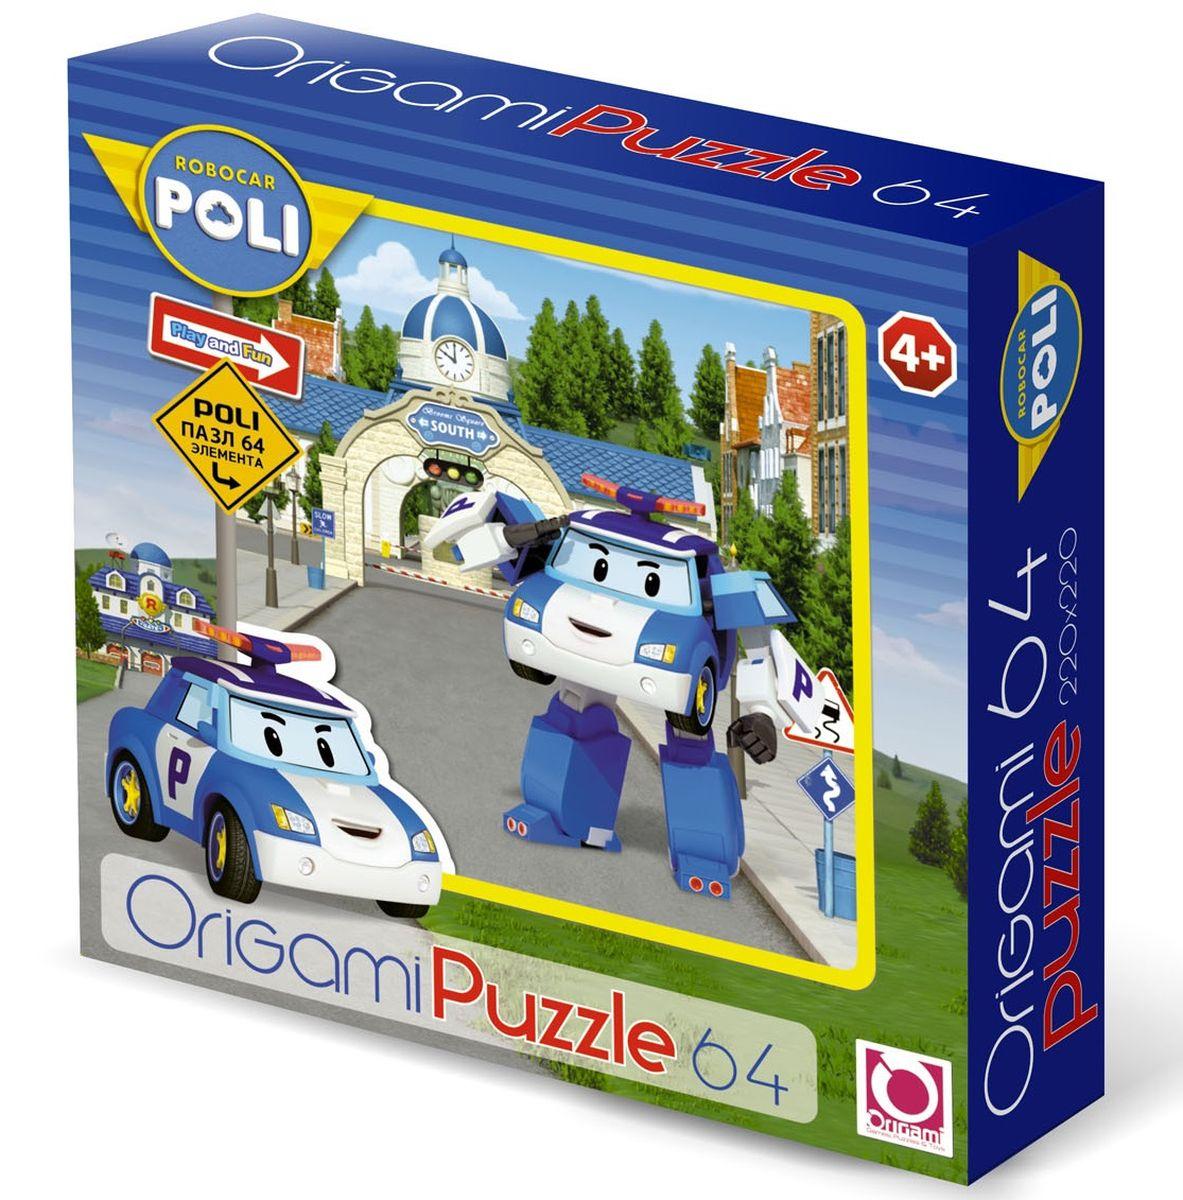 Оригами Пазл для малышей Robocar Poli 05903 пазл 3d 216 элементов оригами эйфелева башня